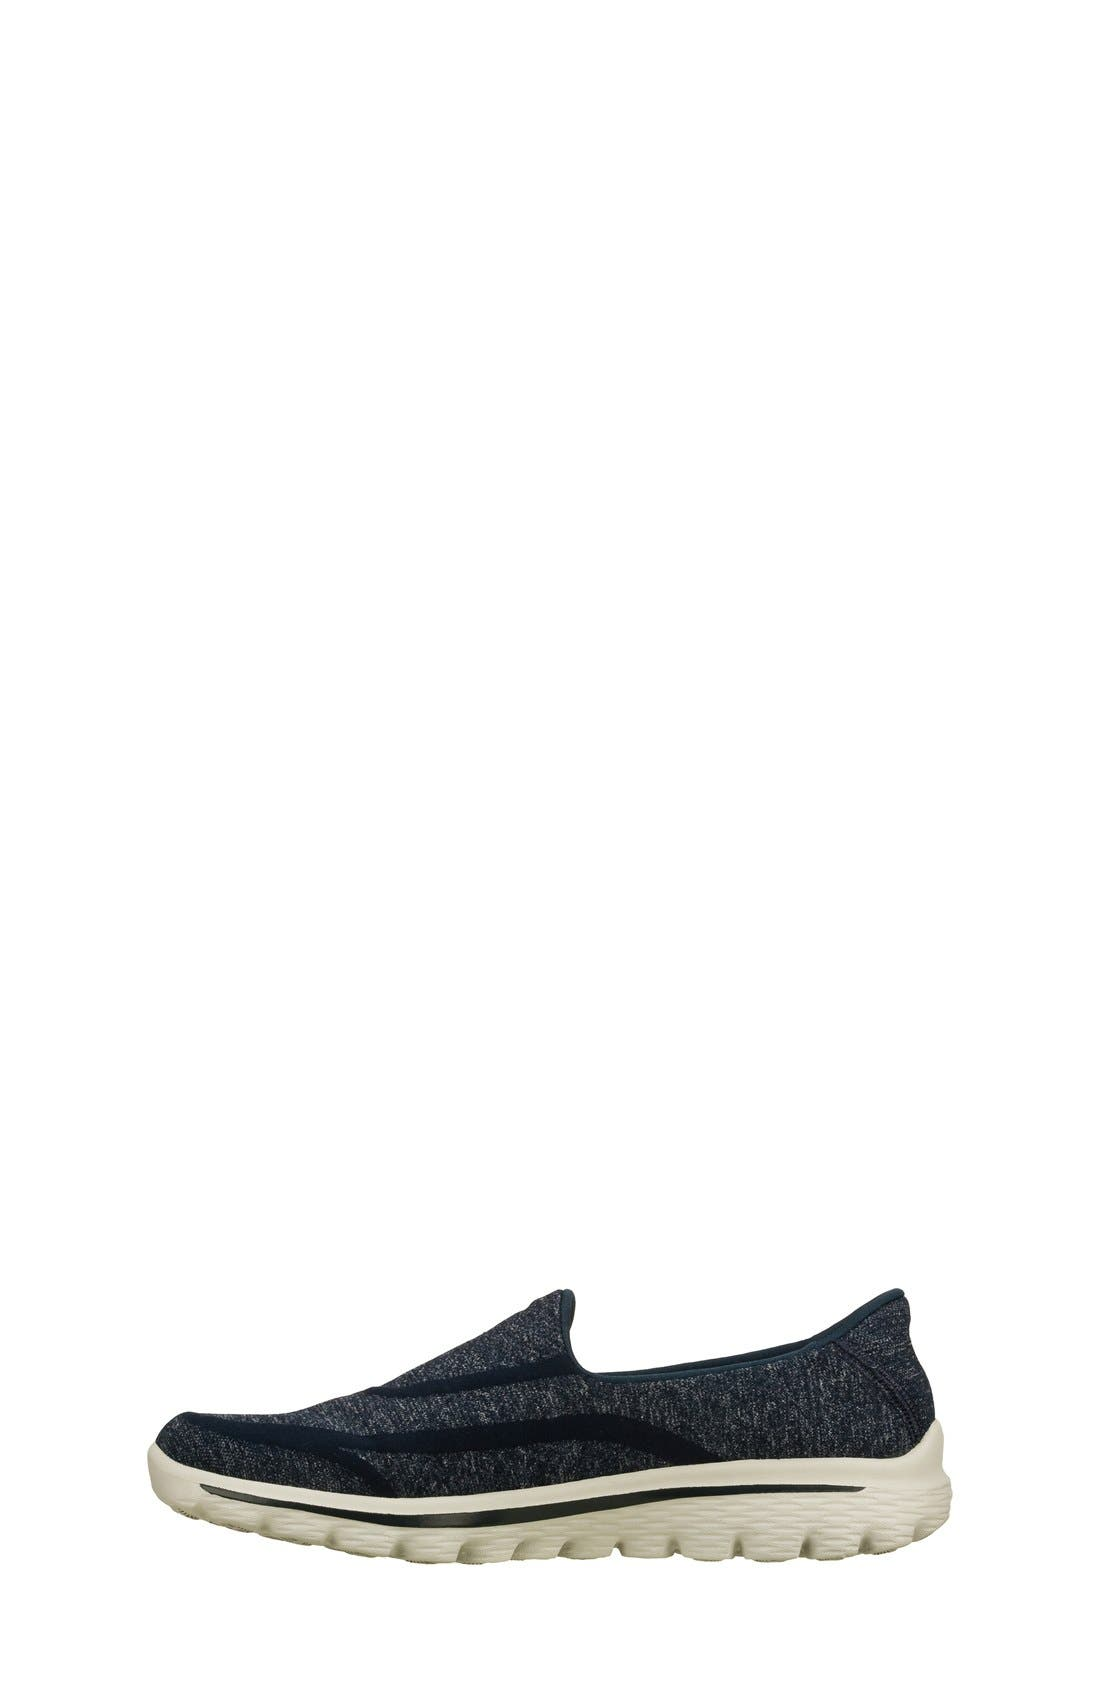 Alternate Image 3  - SKECHERS 'GOwalk 2 - Super Sock' Slip-On (Women)